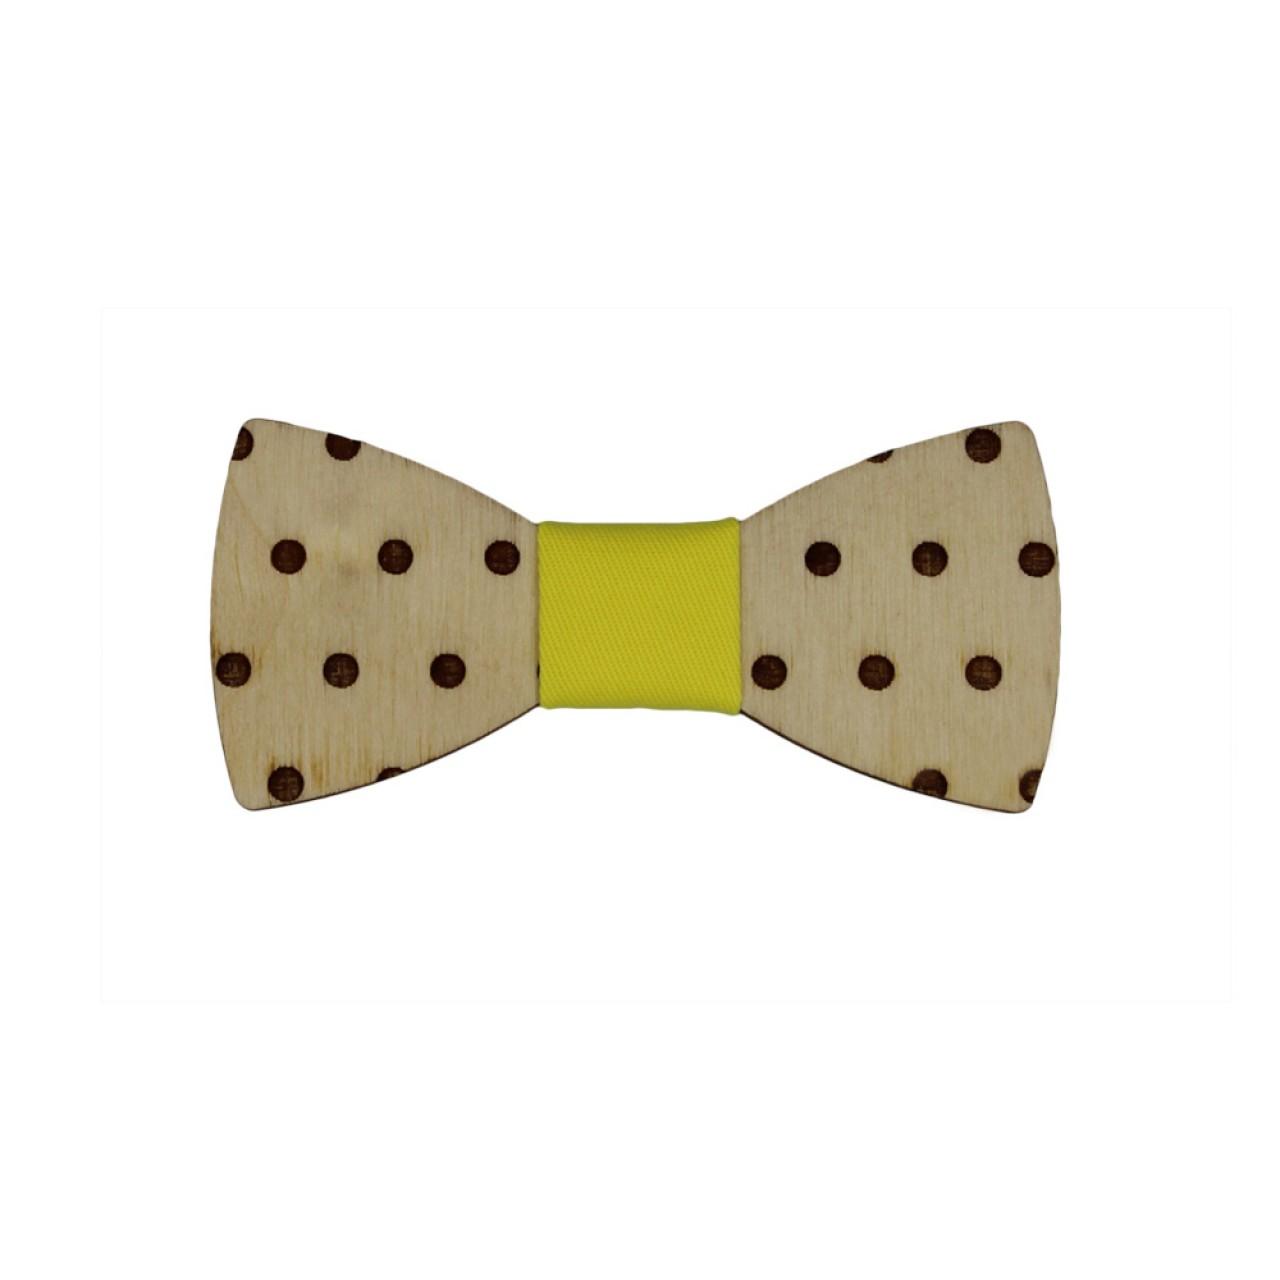 Ξύλινο Βρεφικό Παπιγιόν Με Κίτρινο Κόμπο 8 - 36 Μηνών - 4222